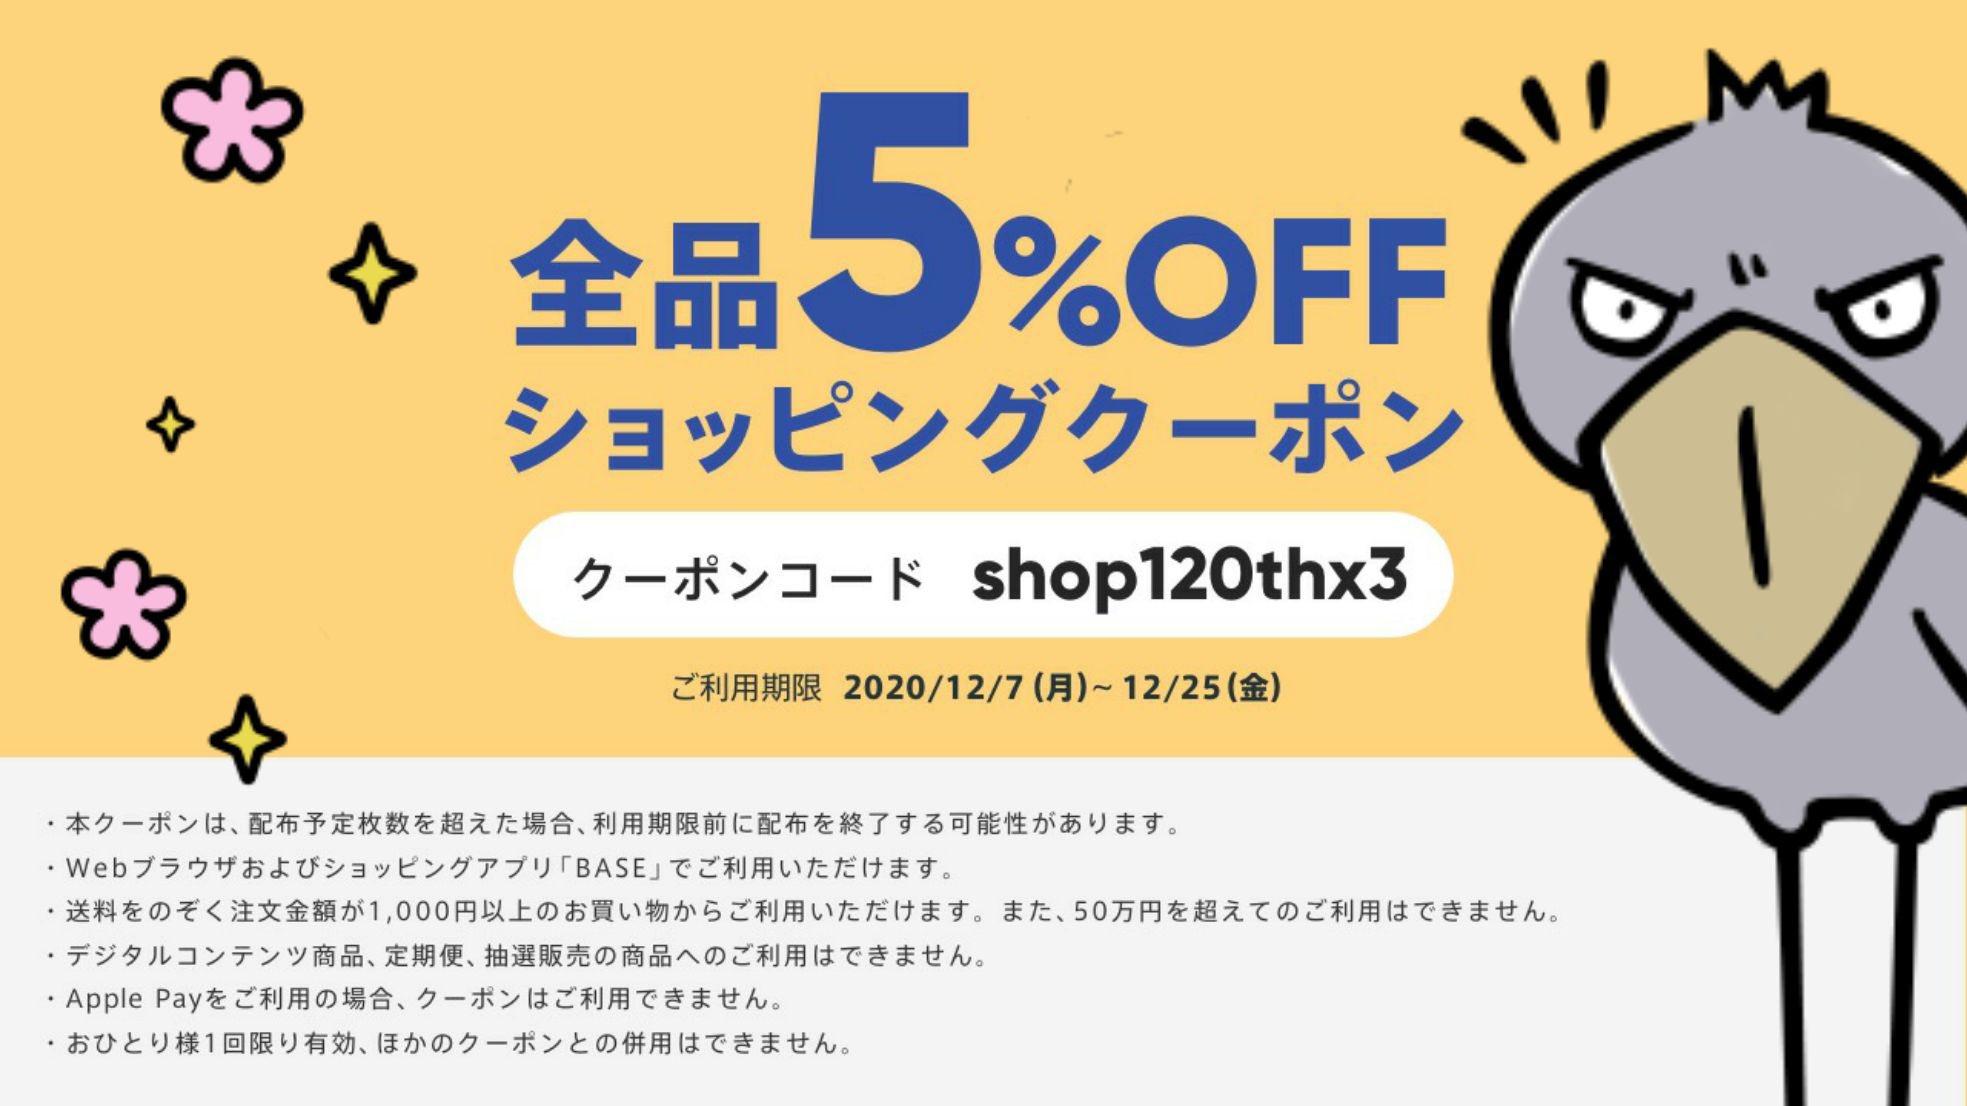 【全品5%OFF!!】12月7日(月)〜12月25日(金)